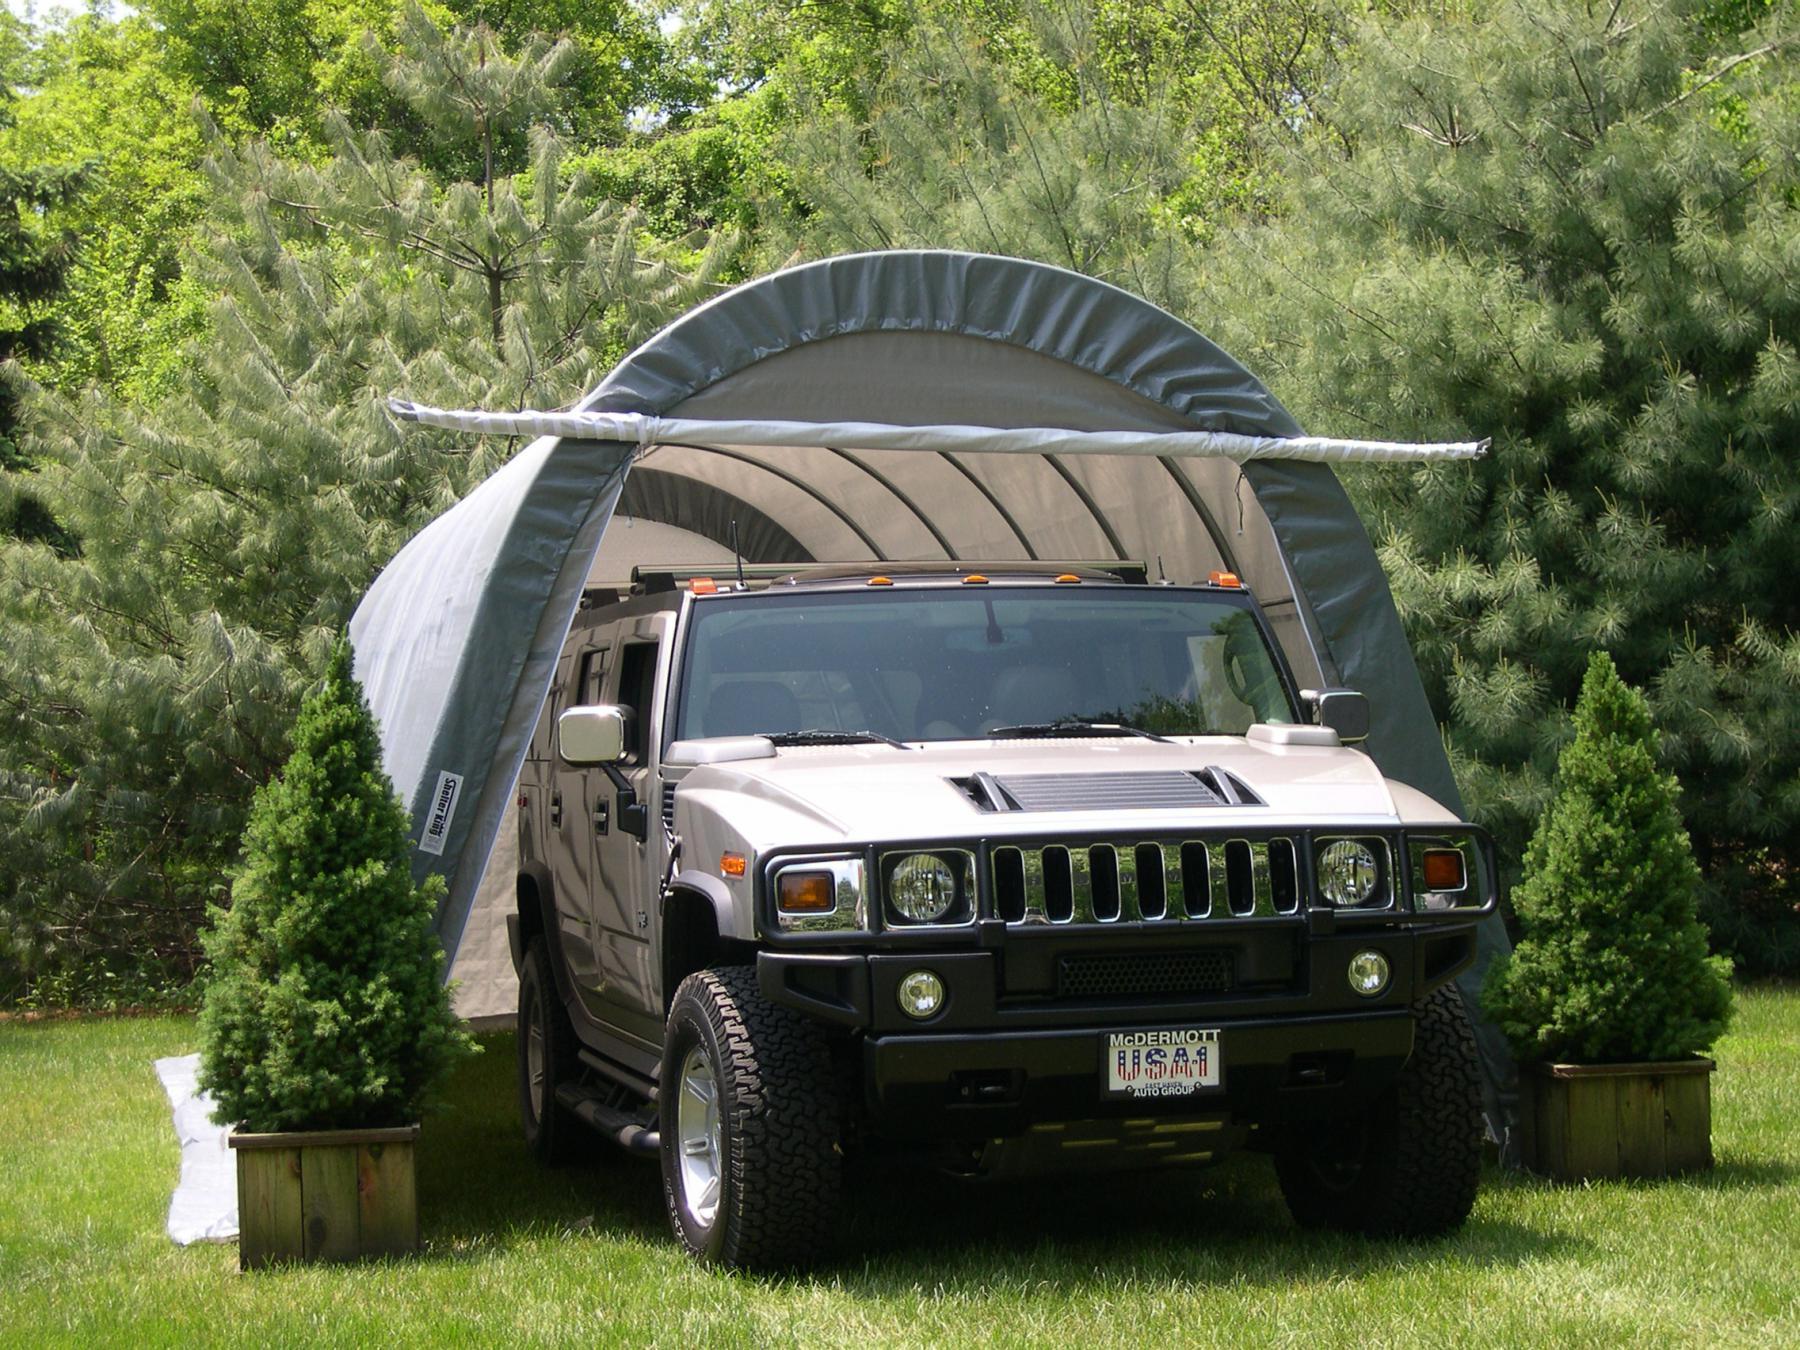 8 5m x 3 9m x 3m Runddach Garage Kaufen bei Technik